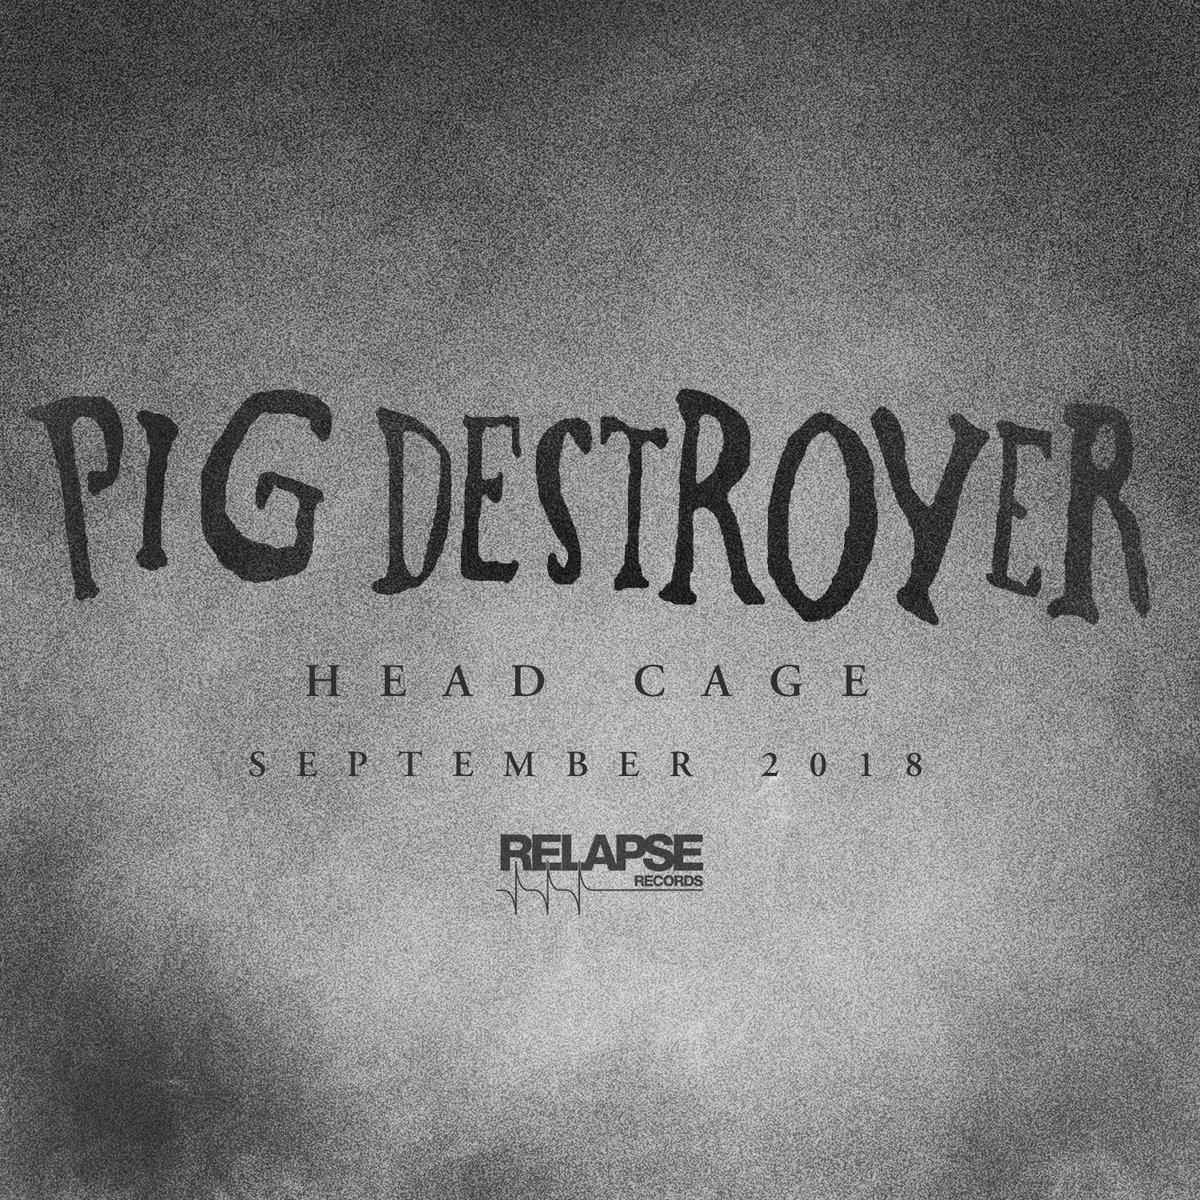 Pig Destroyer new album